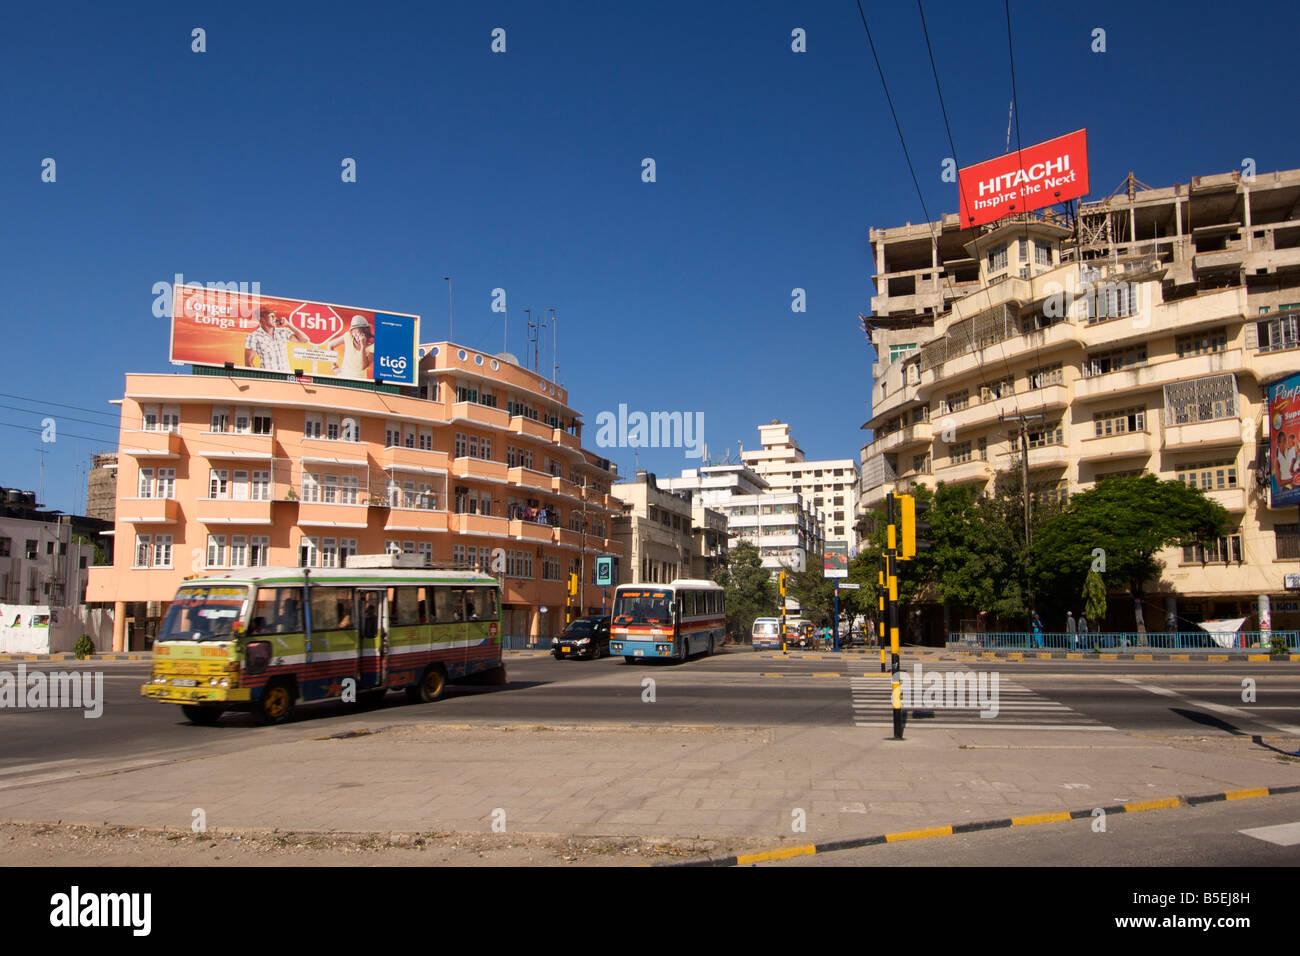 Giunzione di Bibi Titi Mohammed road e Uhuru road a Dar es Salaam, capitale della Tanzania. Immagini Stock